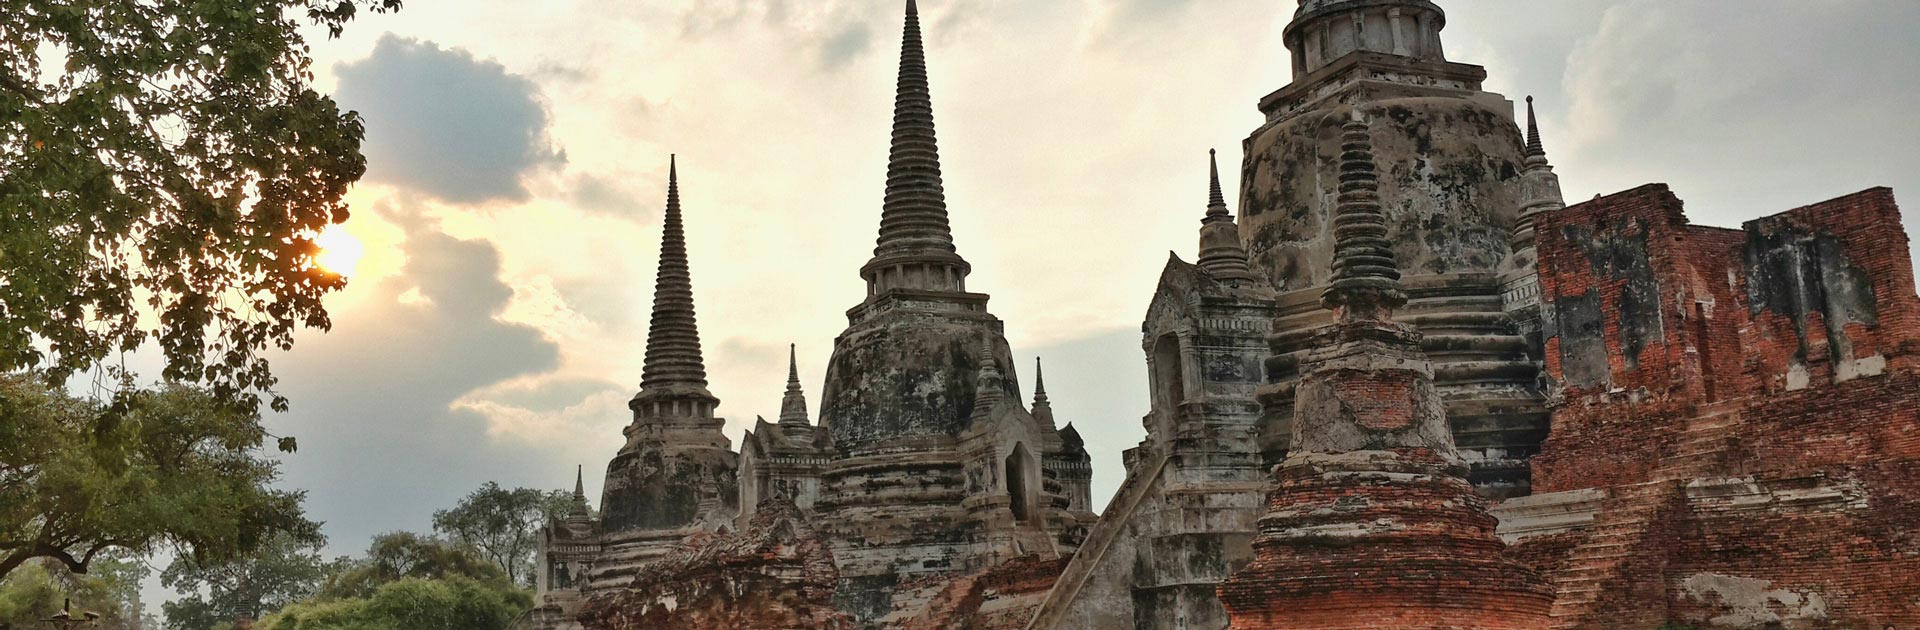 TH Lo Mejor de Tailandia y Phuket 14 días 3